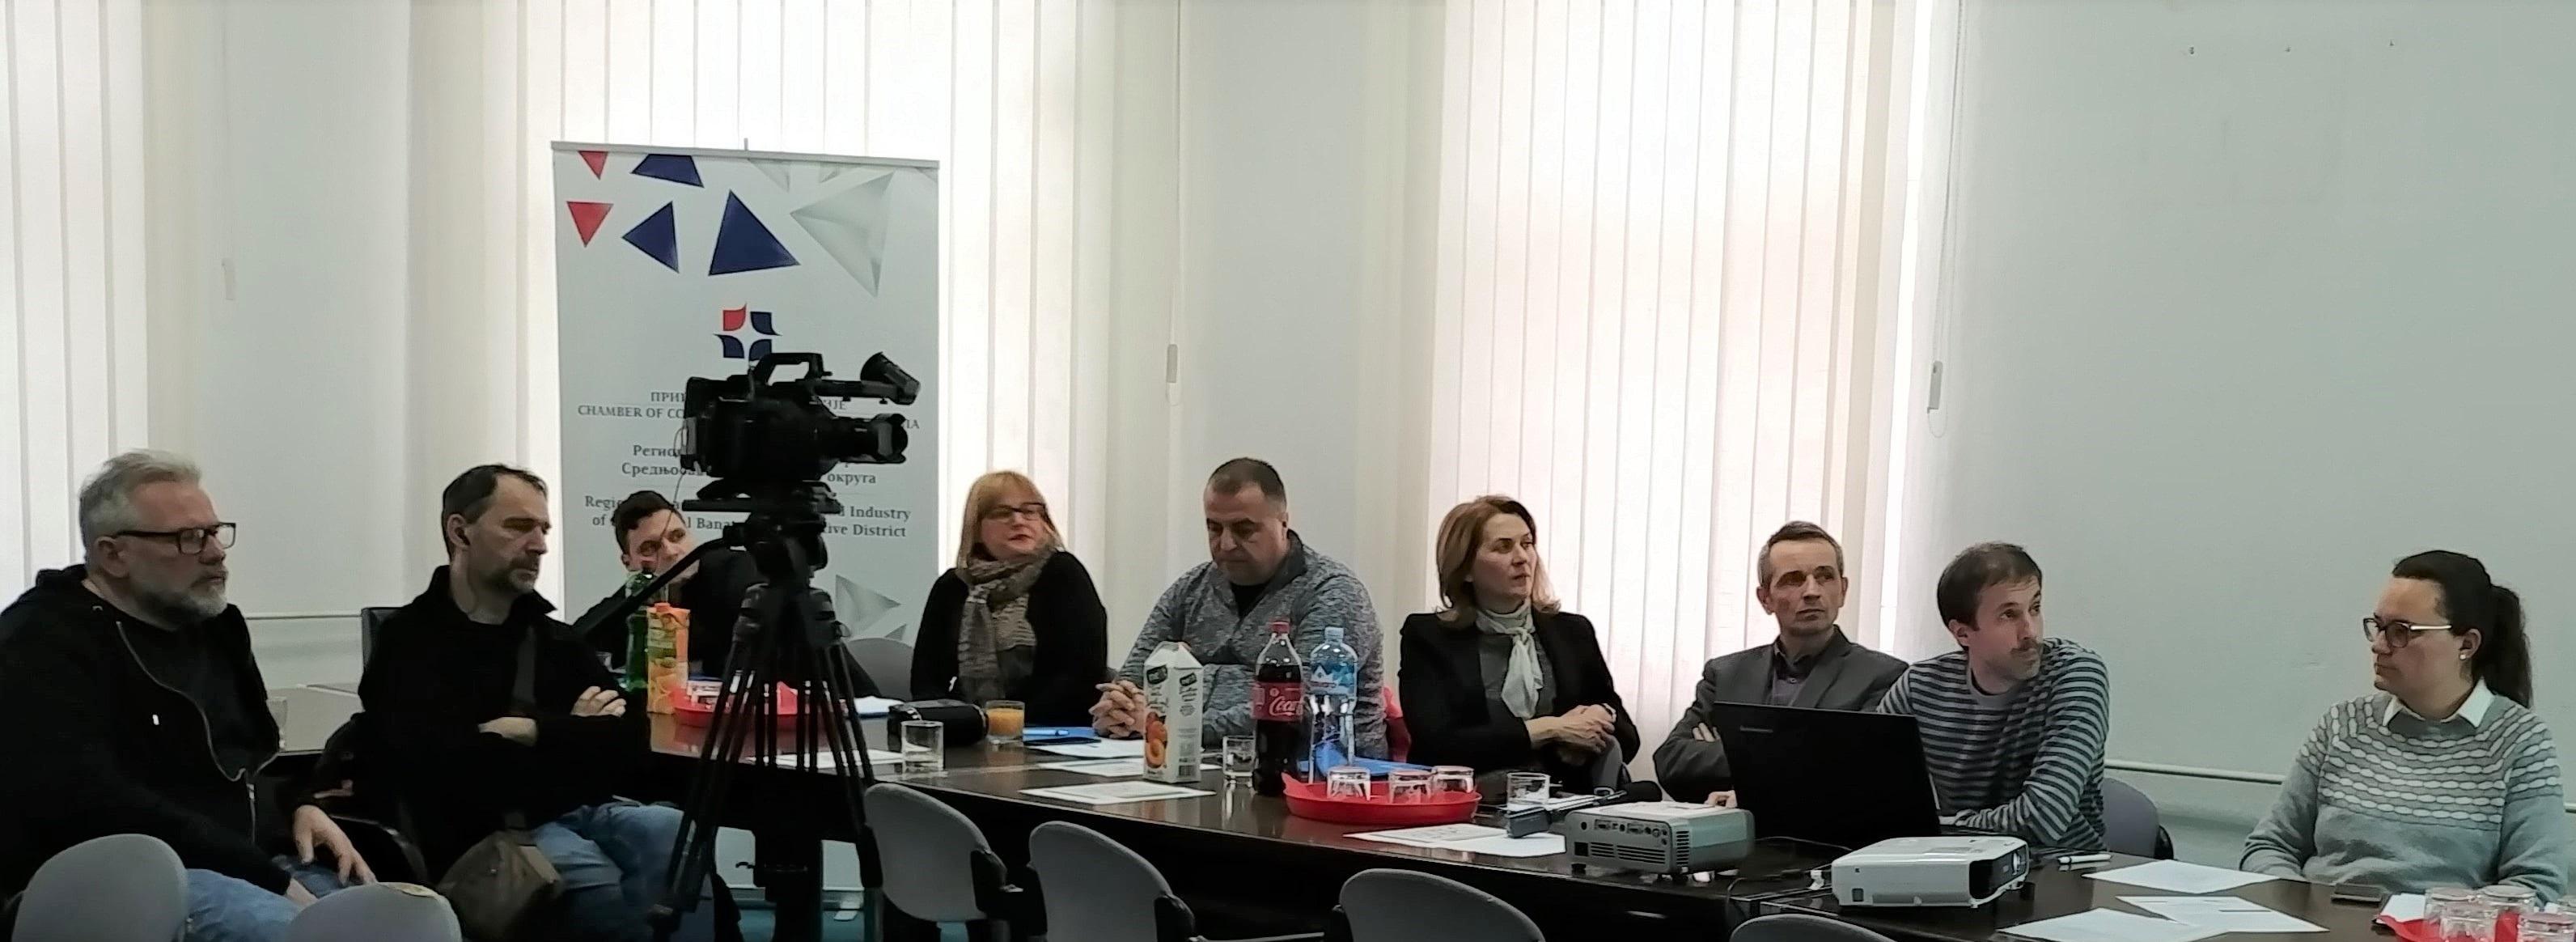 Učesnici konferencije Digitalizacija u poljoprivredi Zrenjanin